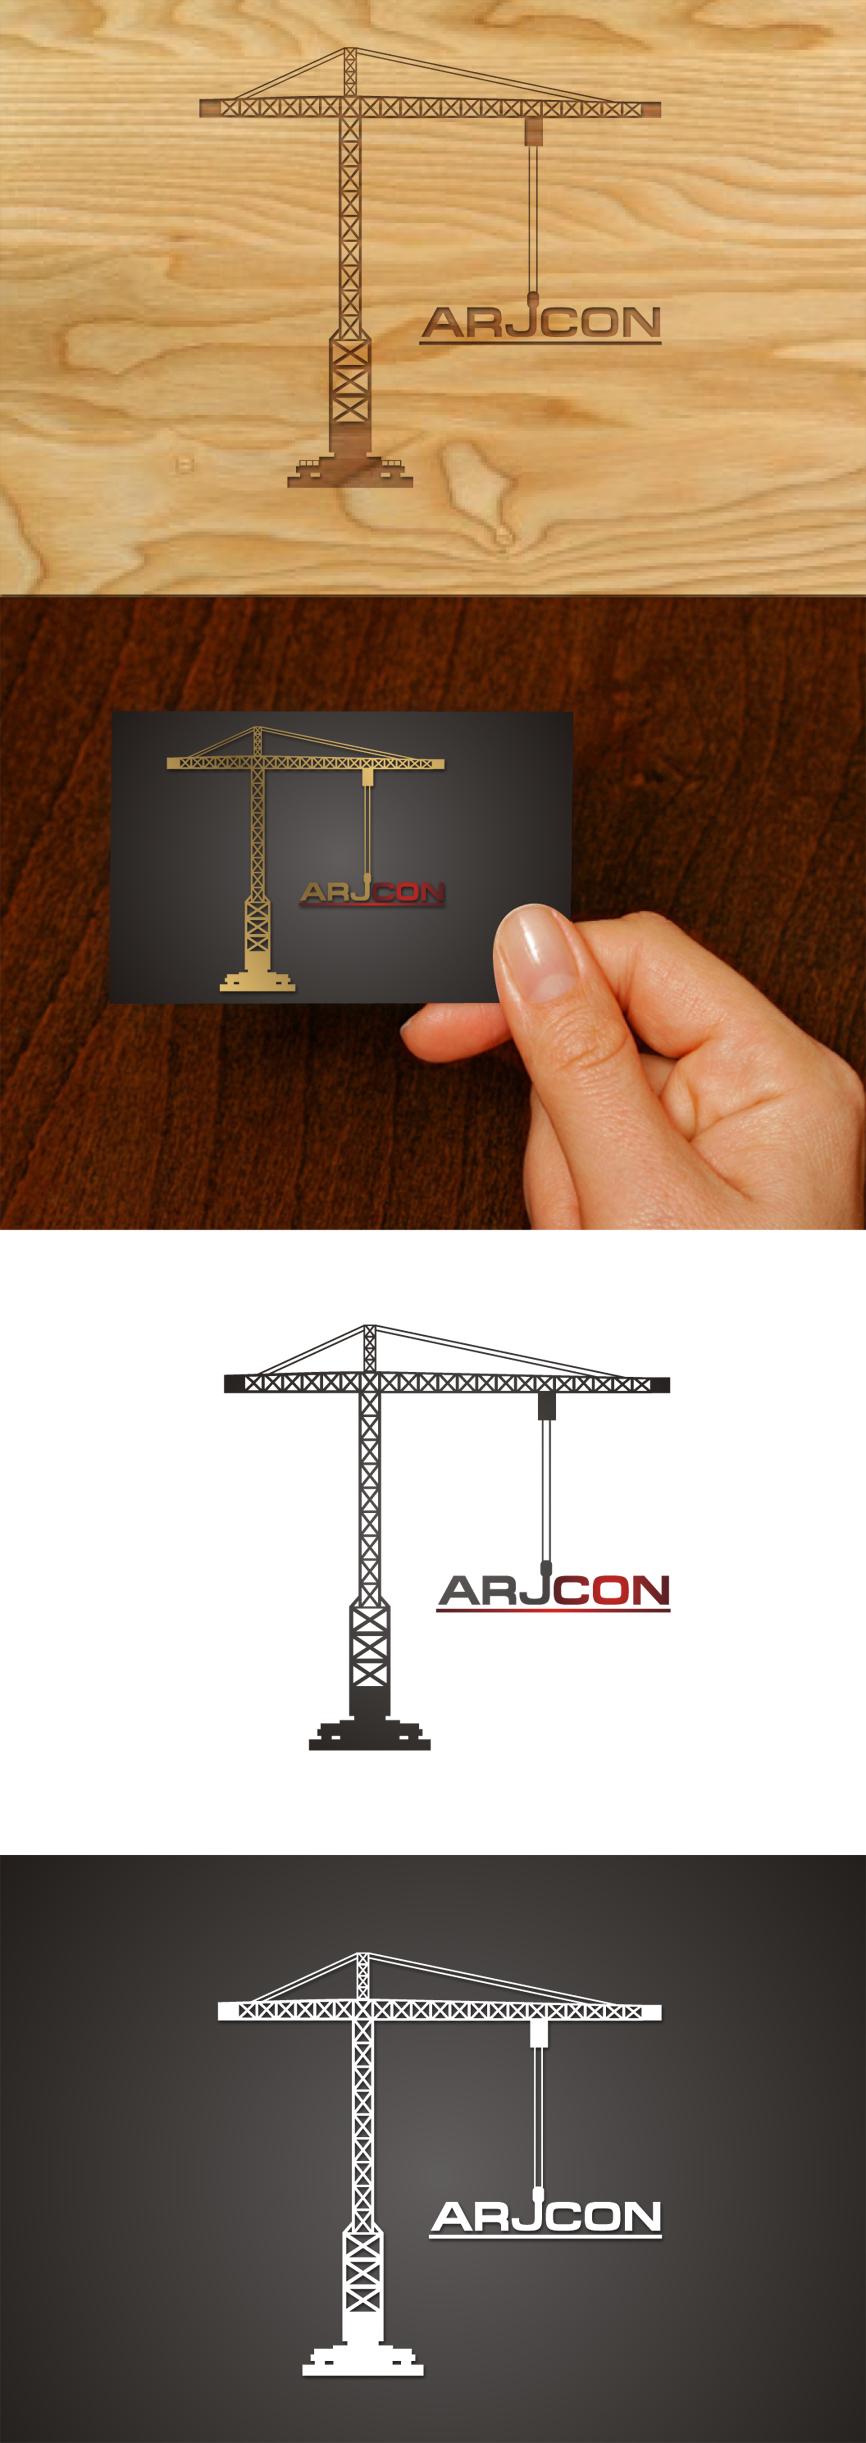 Logo Design by RasYa Muhammad Athaya - Entry No. 98 in the Logo Design Contest Inspiring Logo Design for ARJCON.